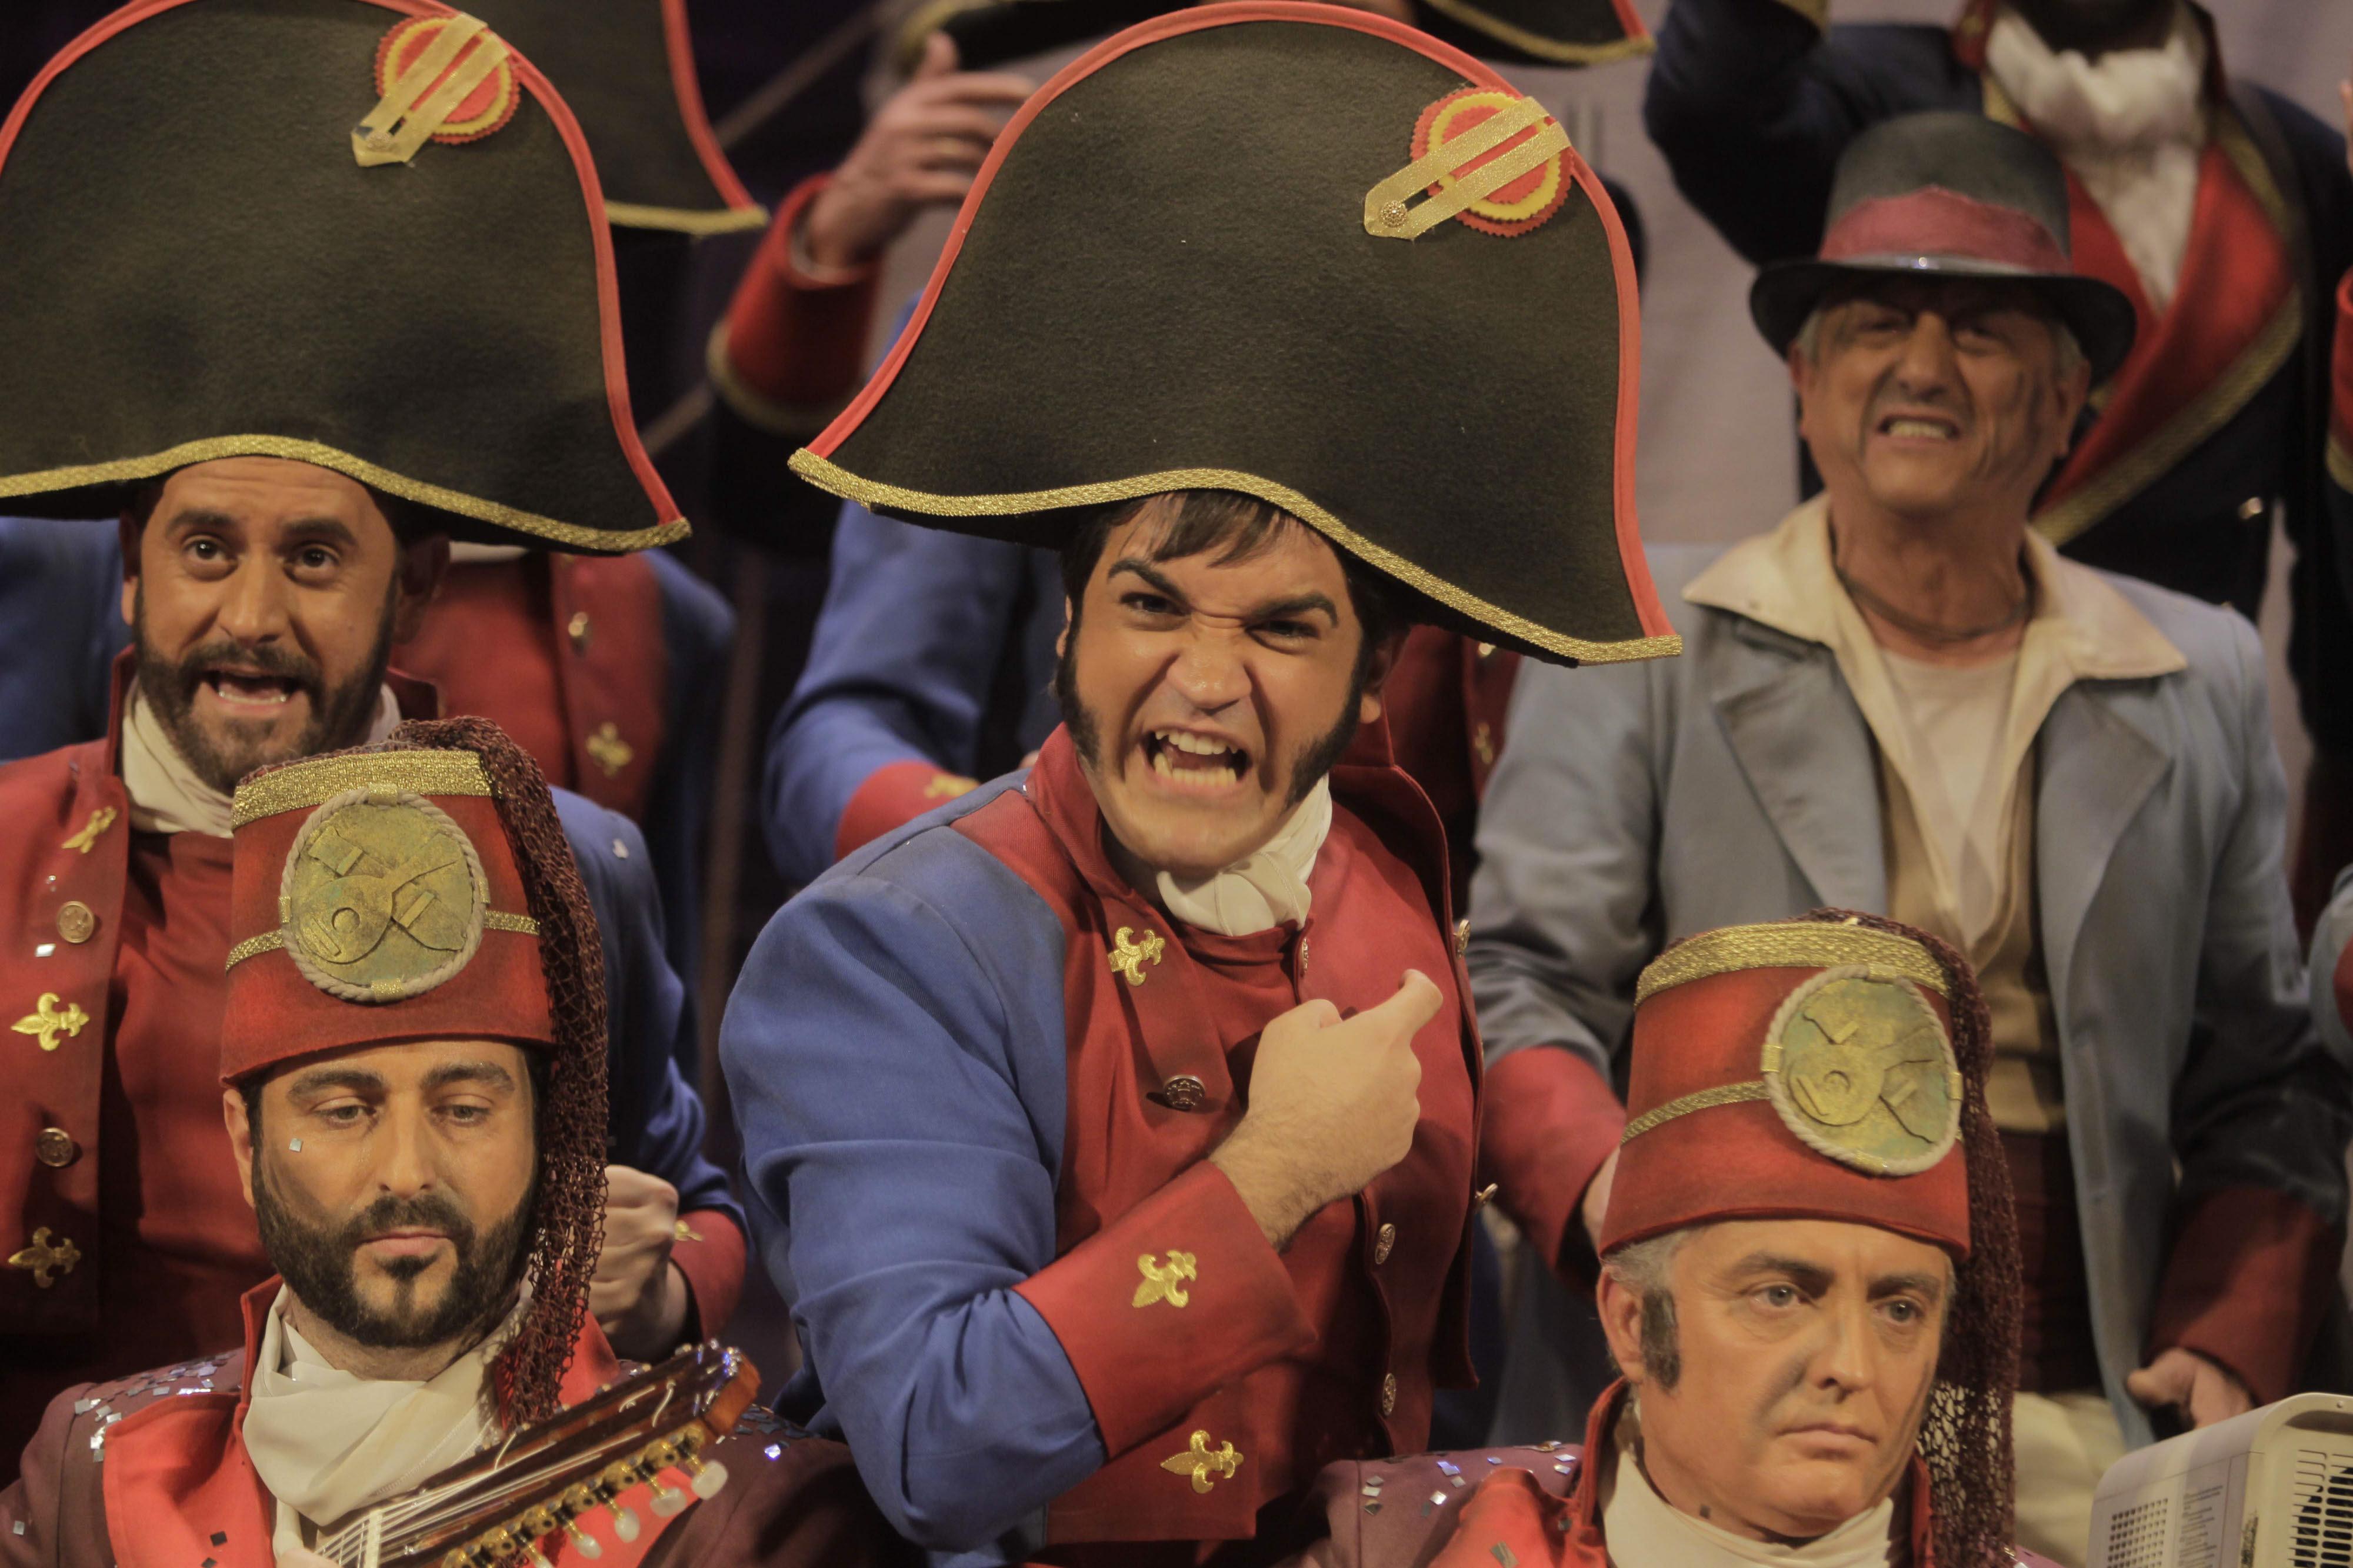 El coro de Faly Pastrana, primer inscrito para el Concurso del Carnaval de Cádiz 2016